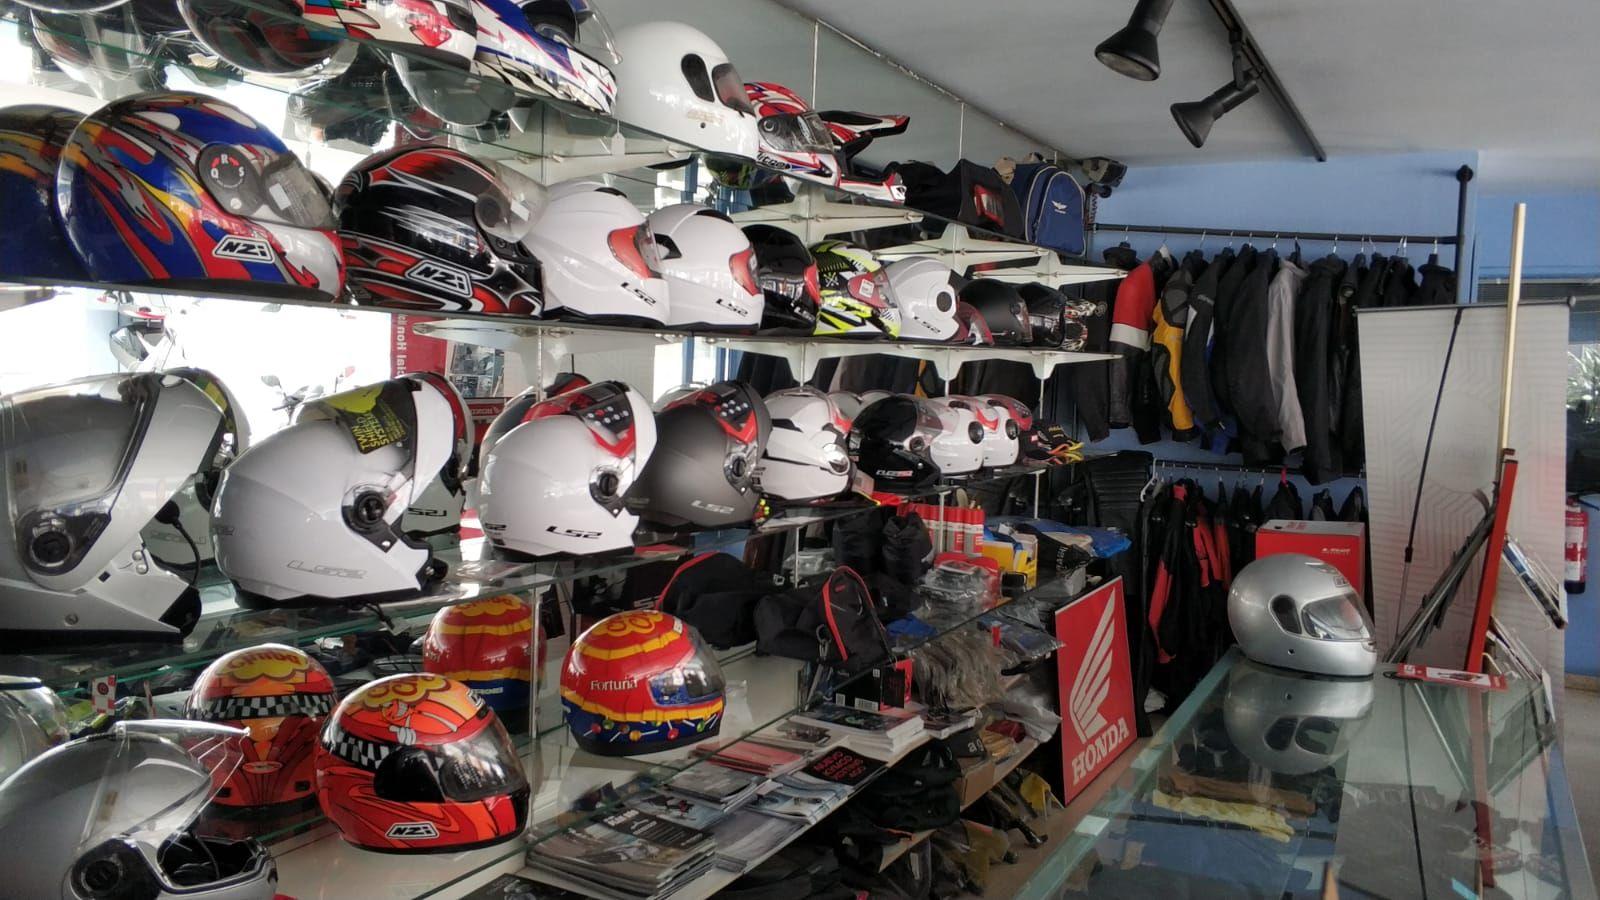 Foto 37 de Taller de motos en  | Vir Motos i Viñals